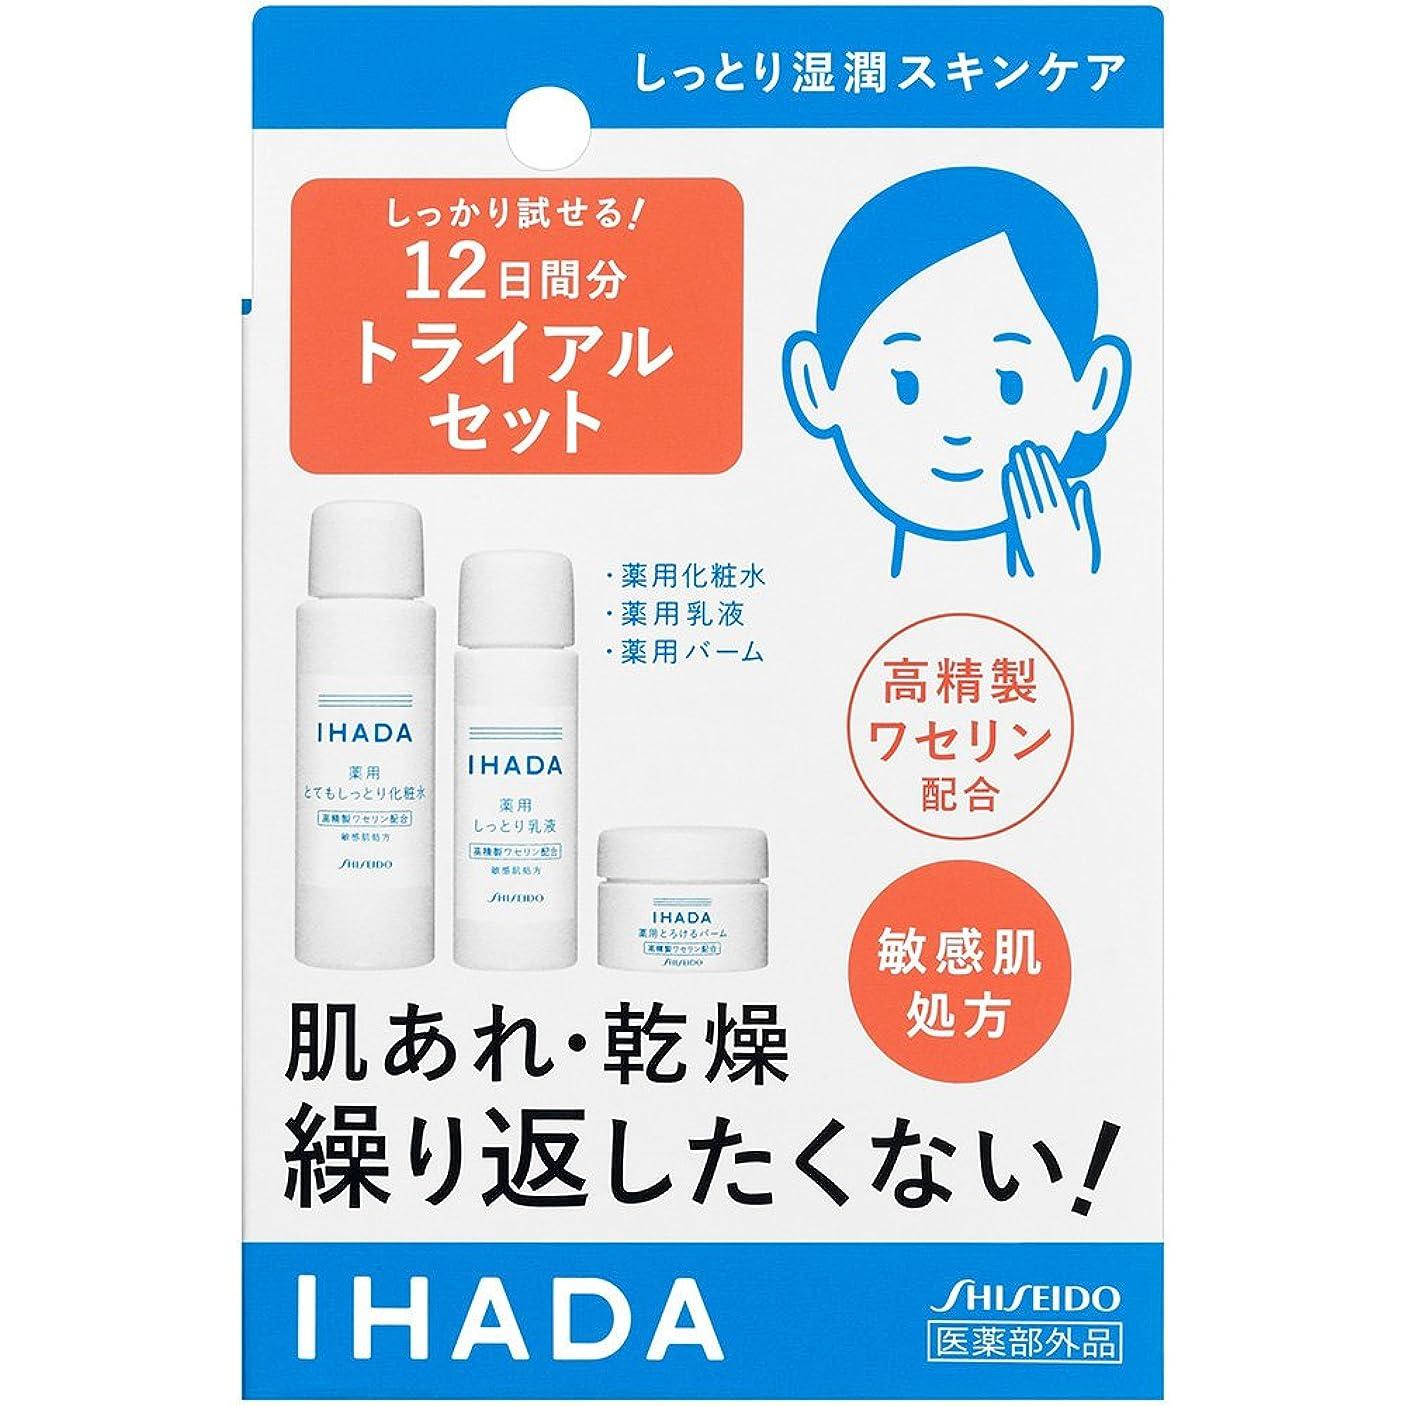 構想するストライク広告イハダ 薬用スキンケアトライアルセット 化粧水(とてもしっとり)25ml 乳液15ml バーム5g 約12日分